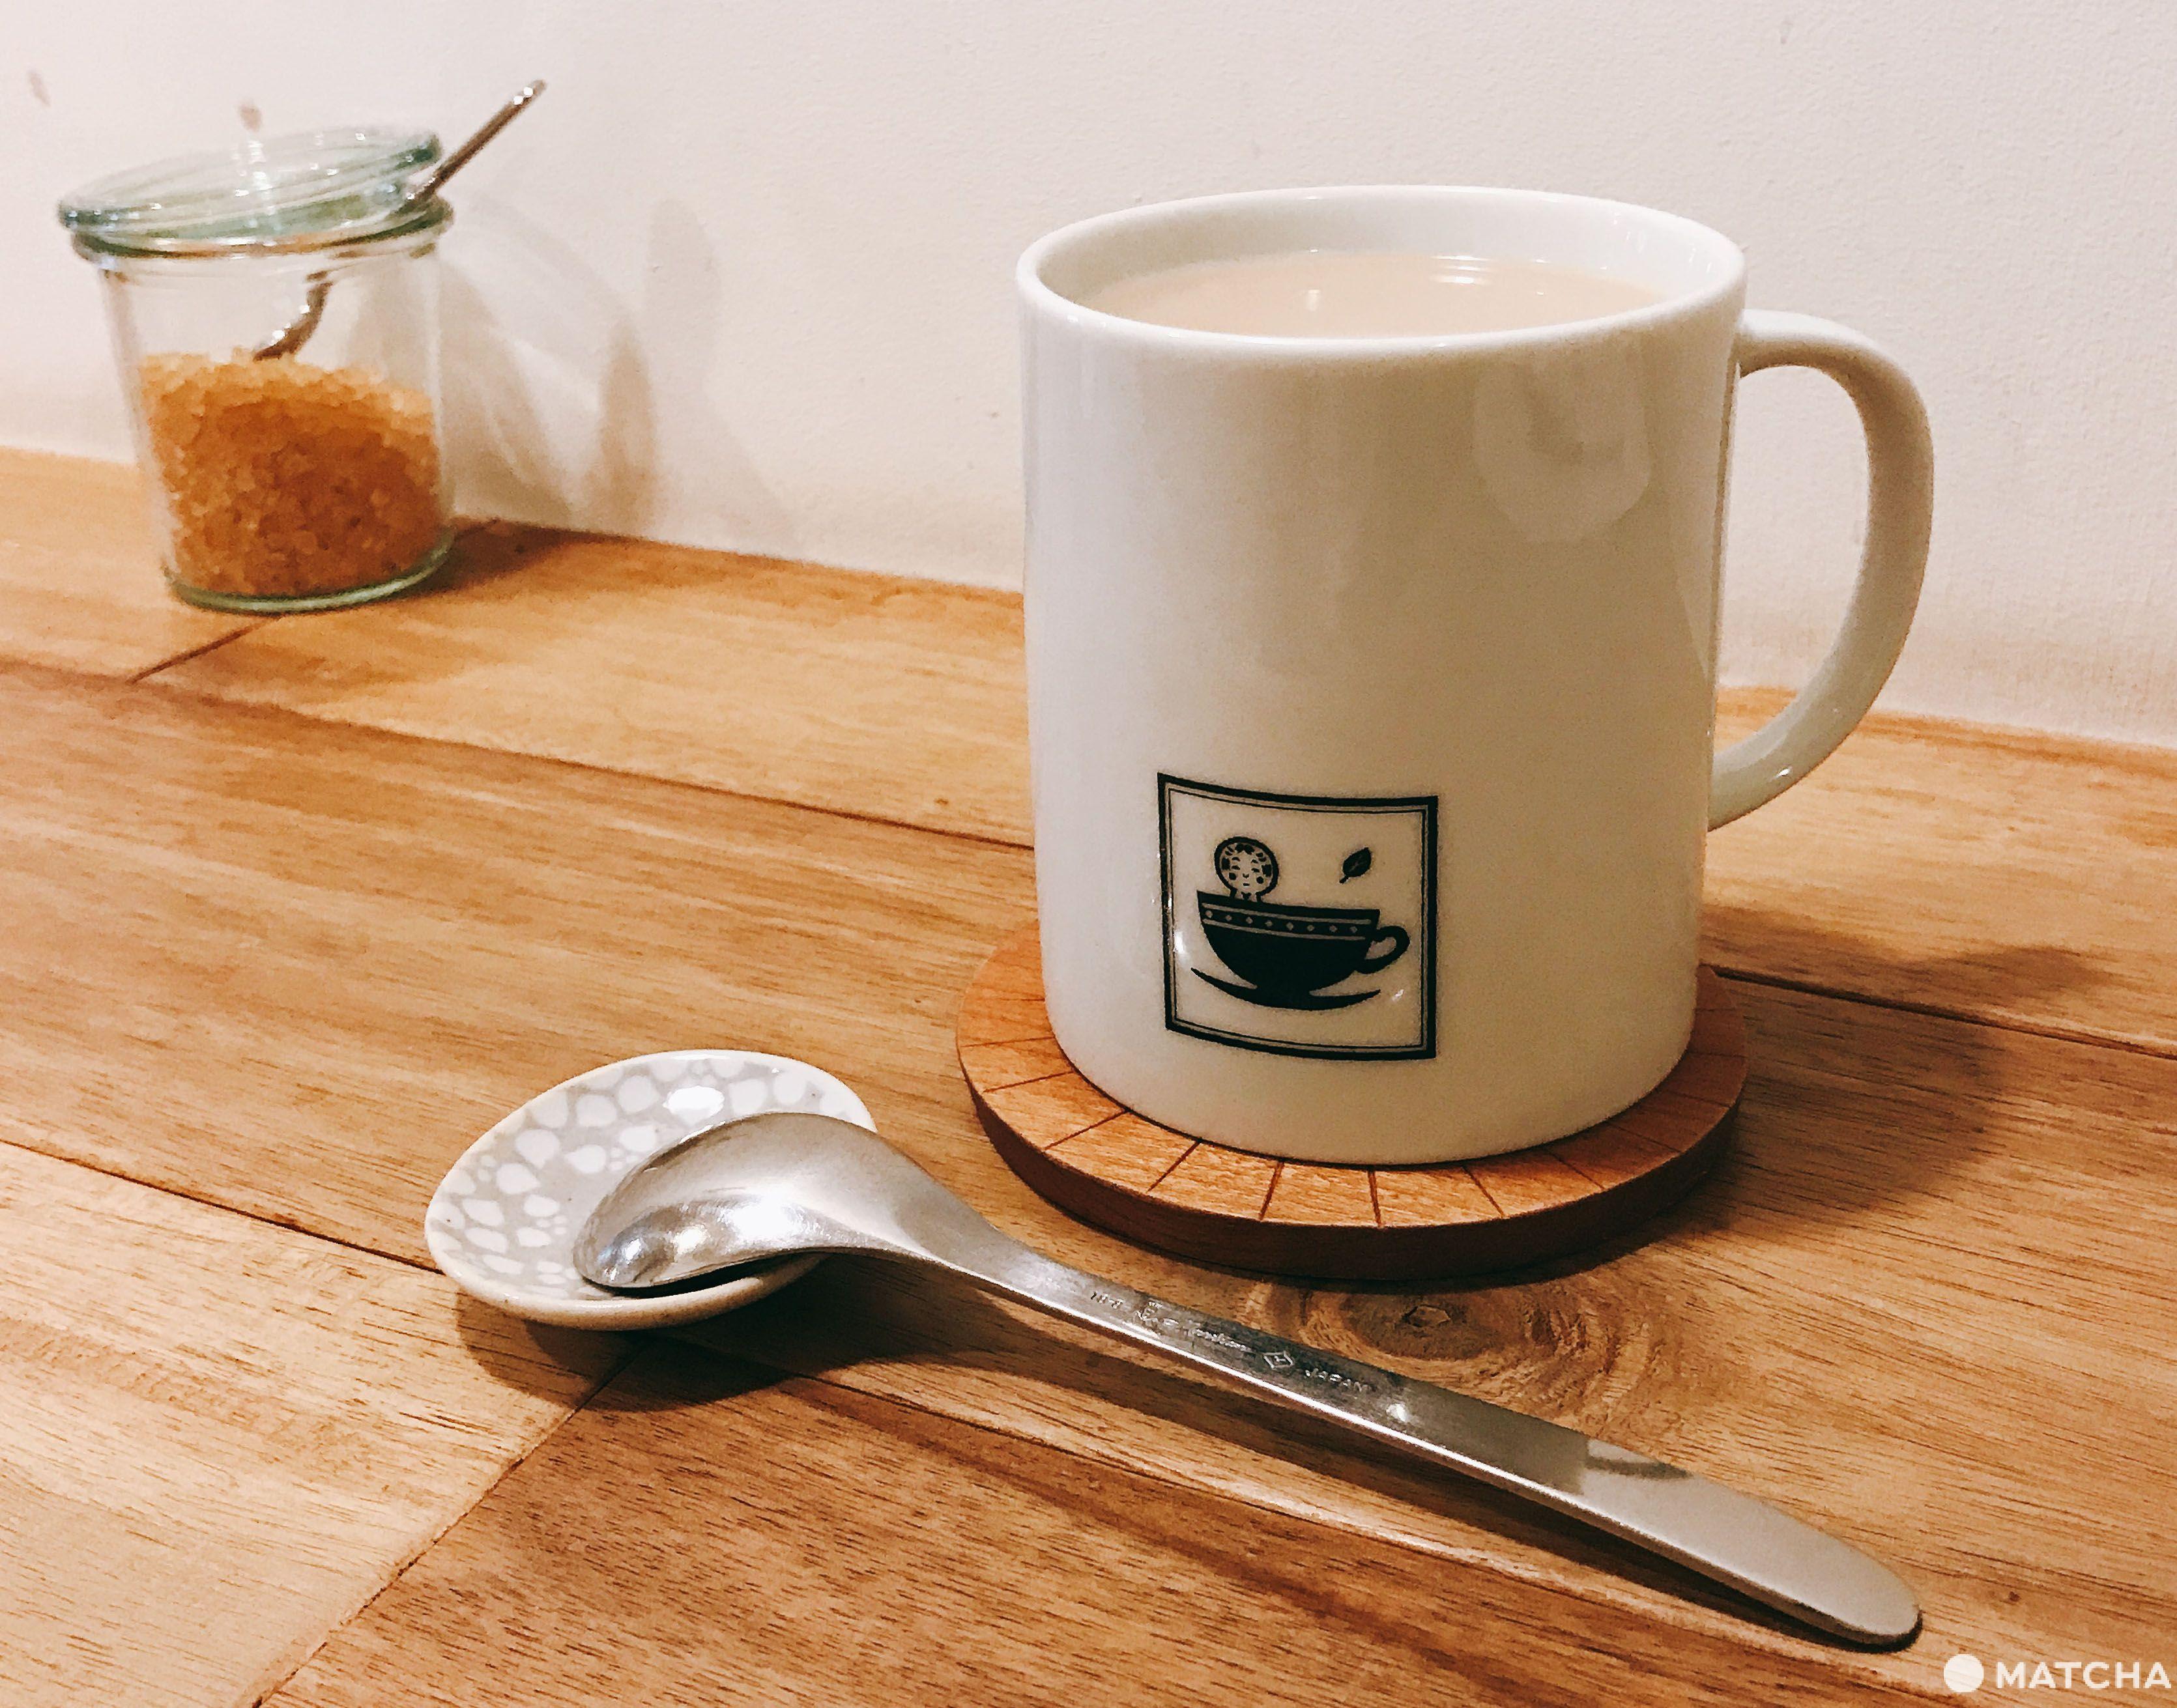 【東京】享受一段緩慢而優雅的品茶時光,紅茶專賣店精選